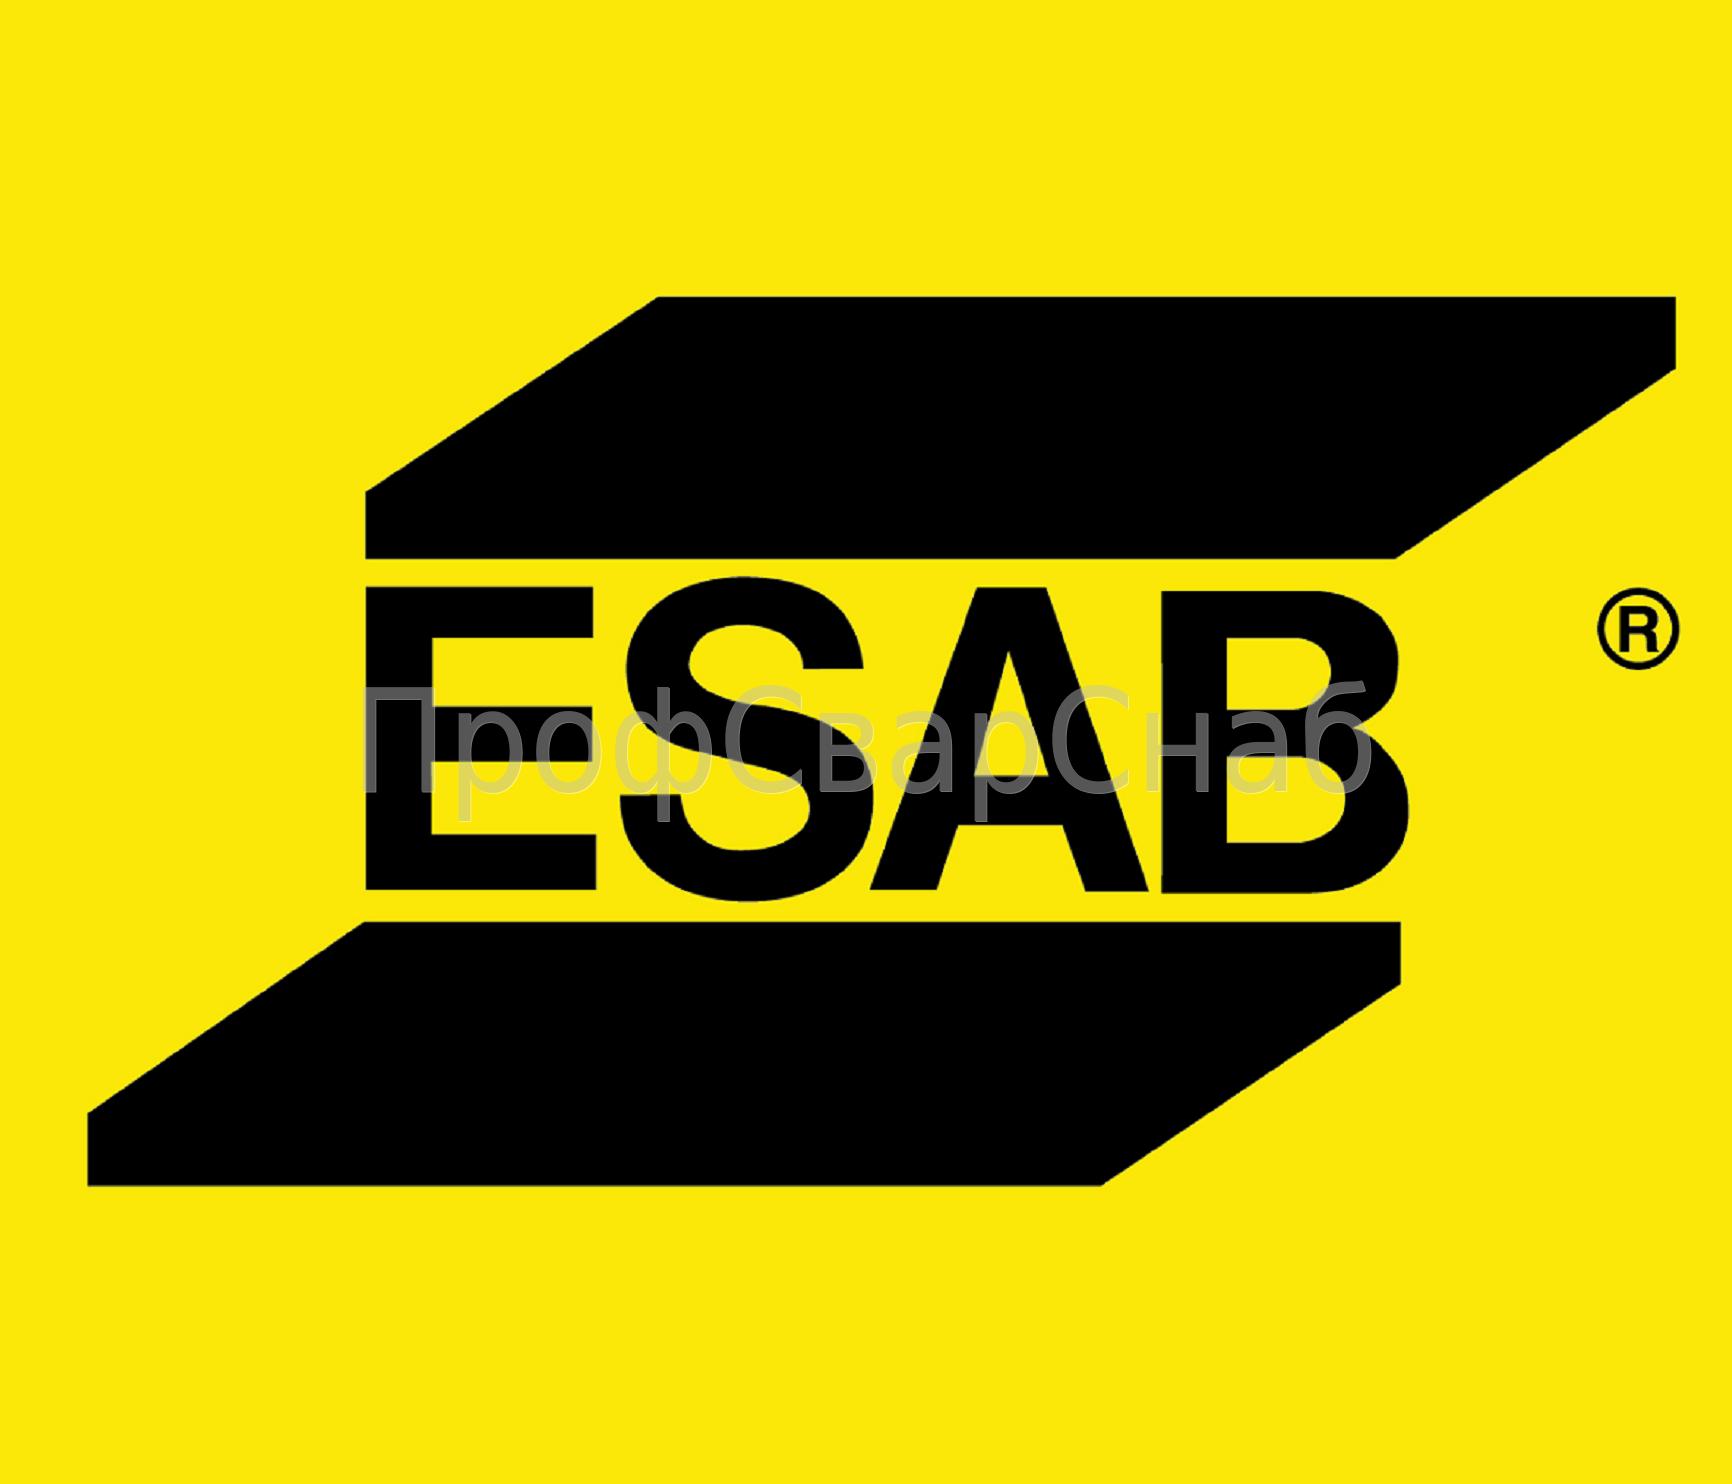 оборудования и компРектующих компании ESAB